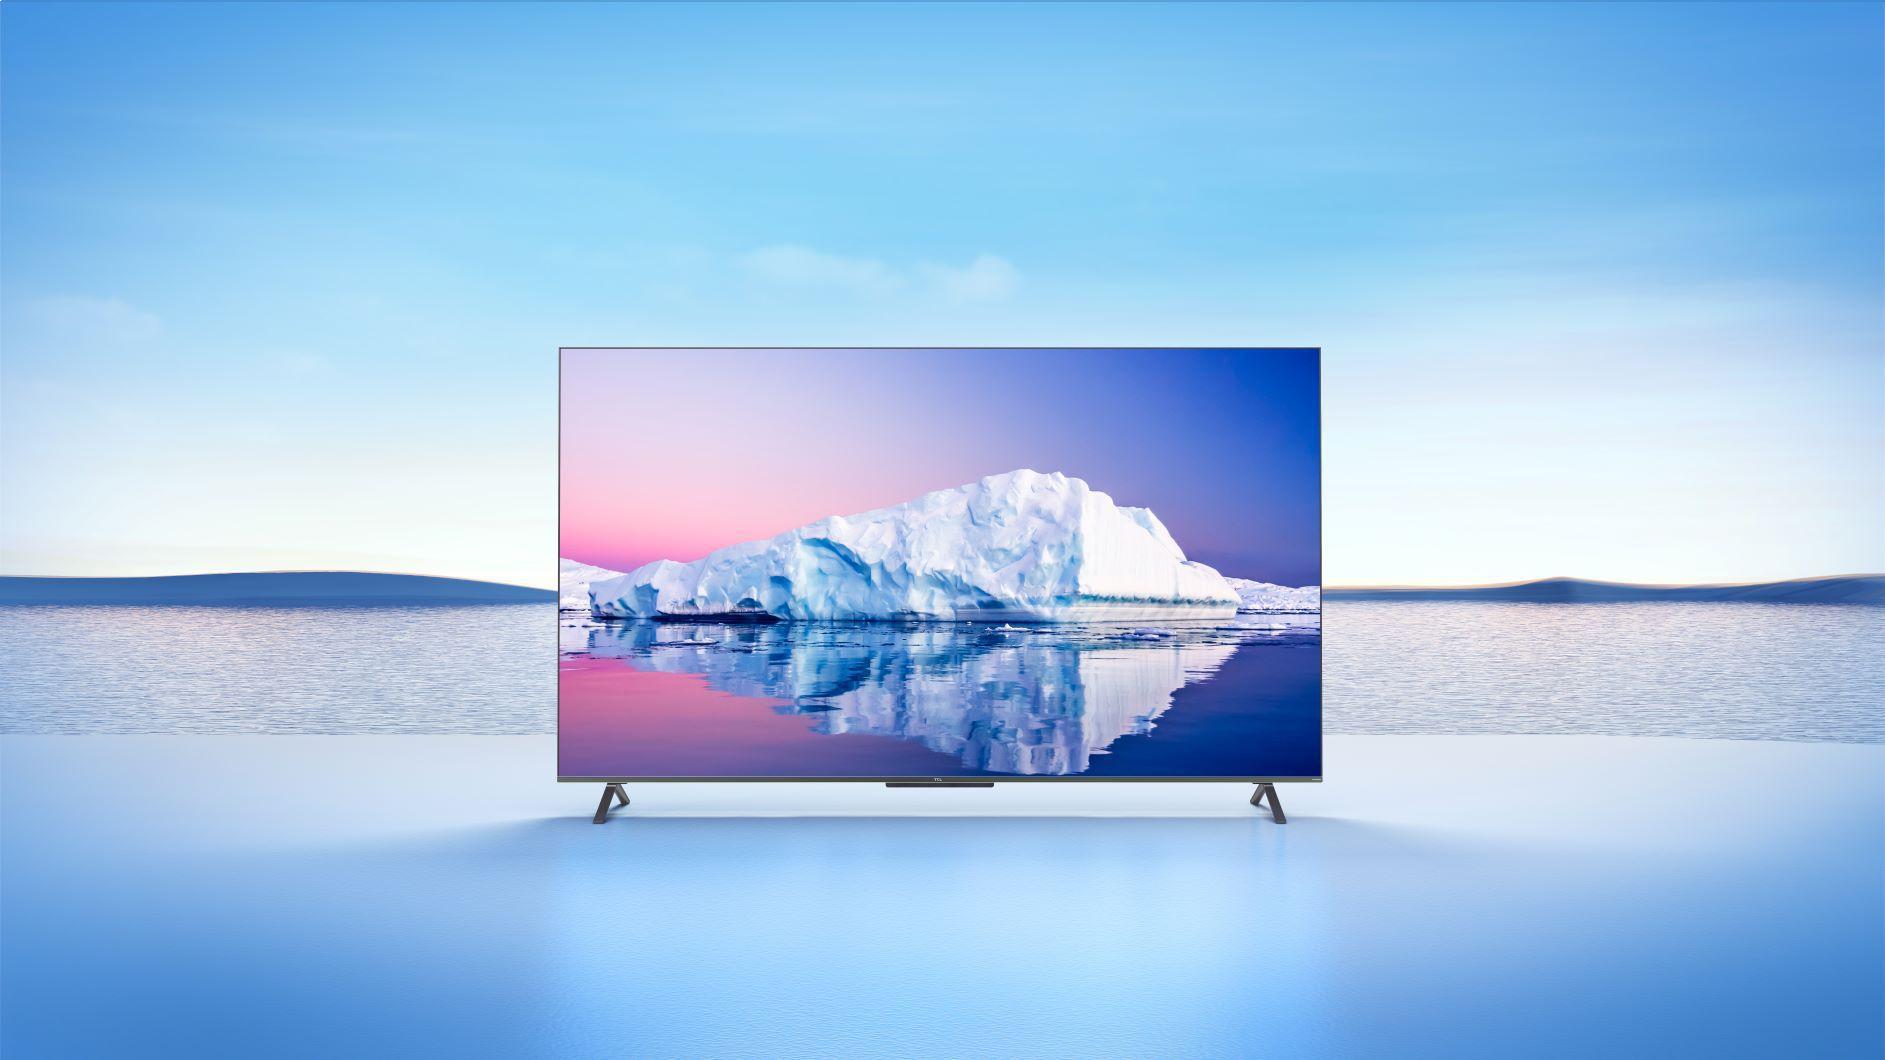 Experiența QLED TV atinge o nouă dimensiune în 2021 cu seria TCL C72